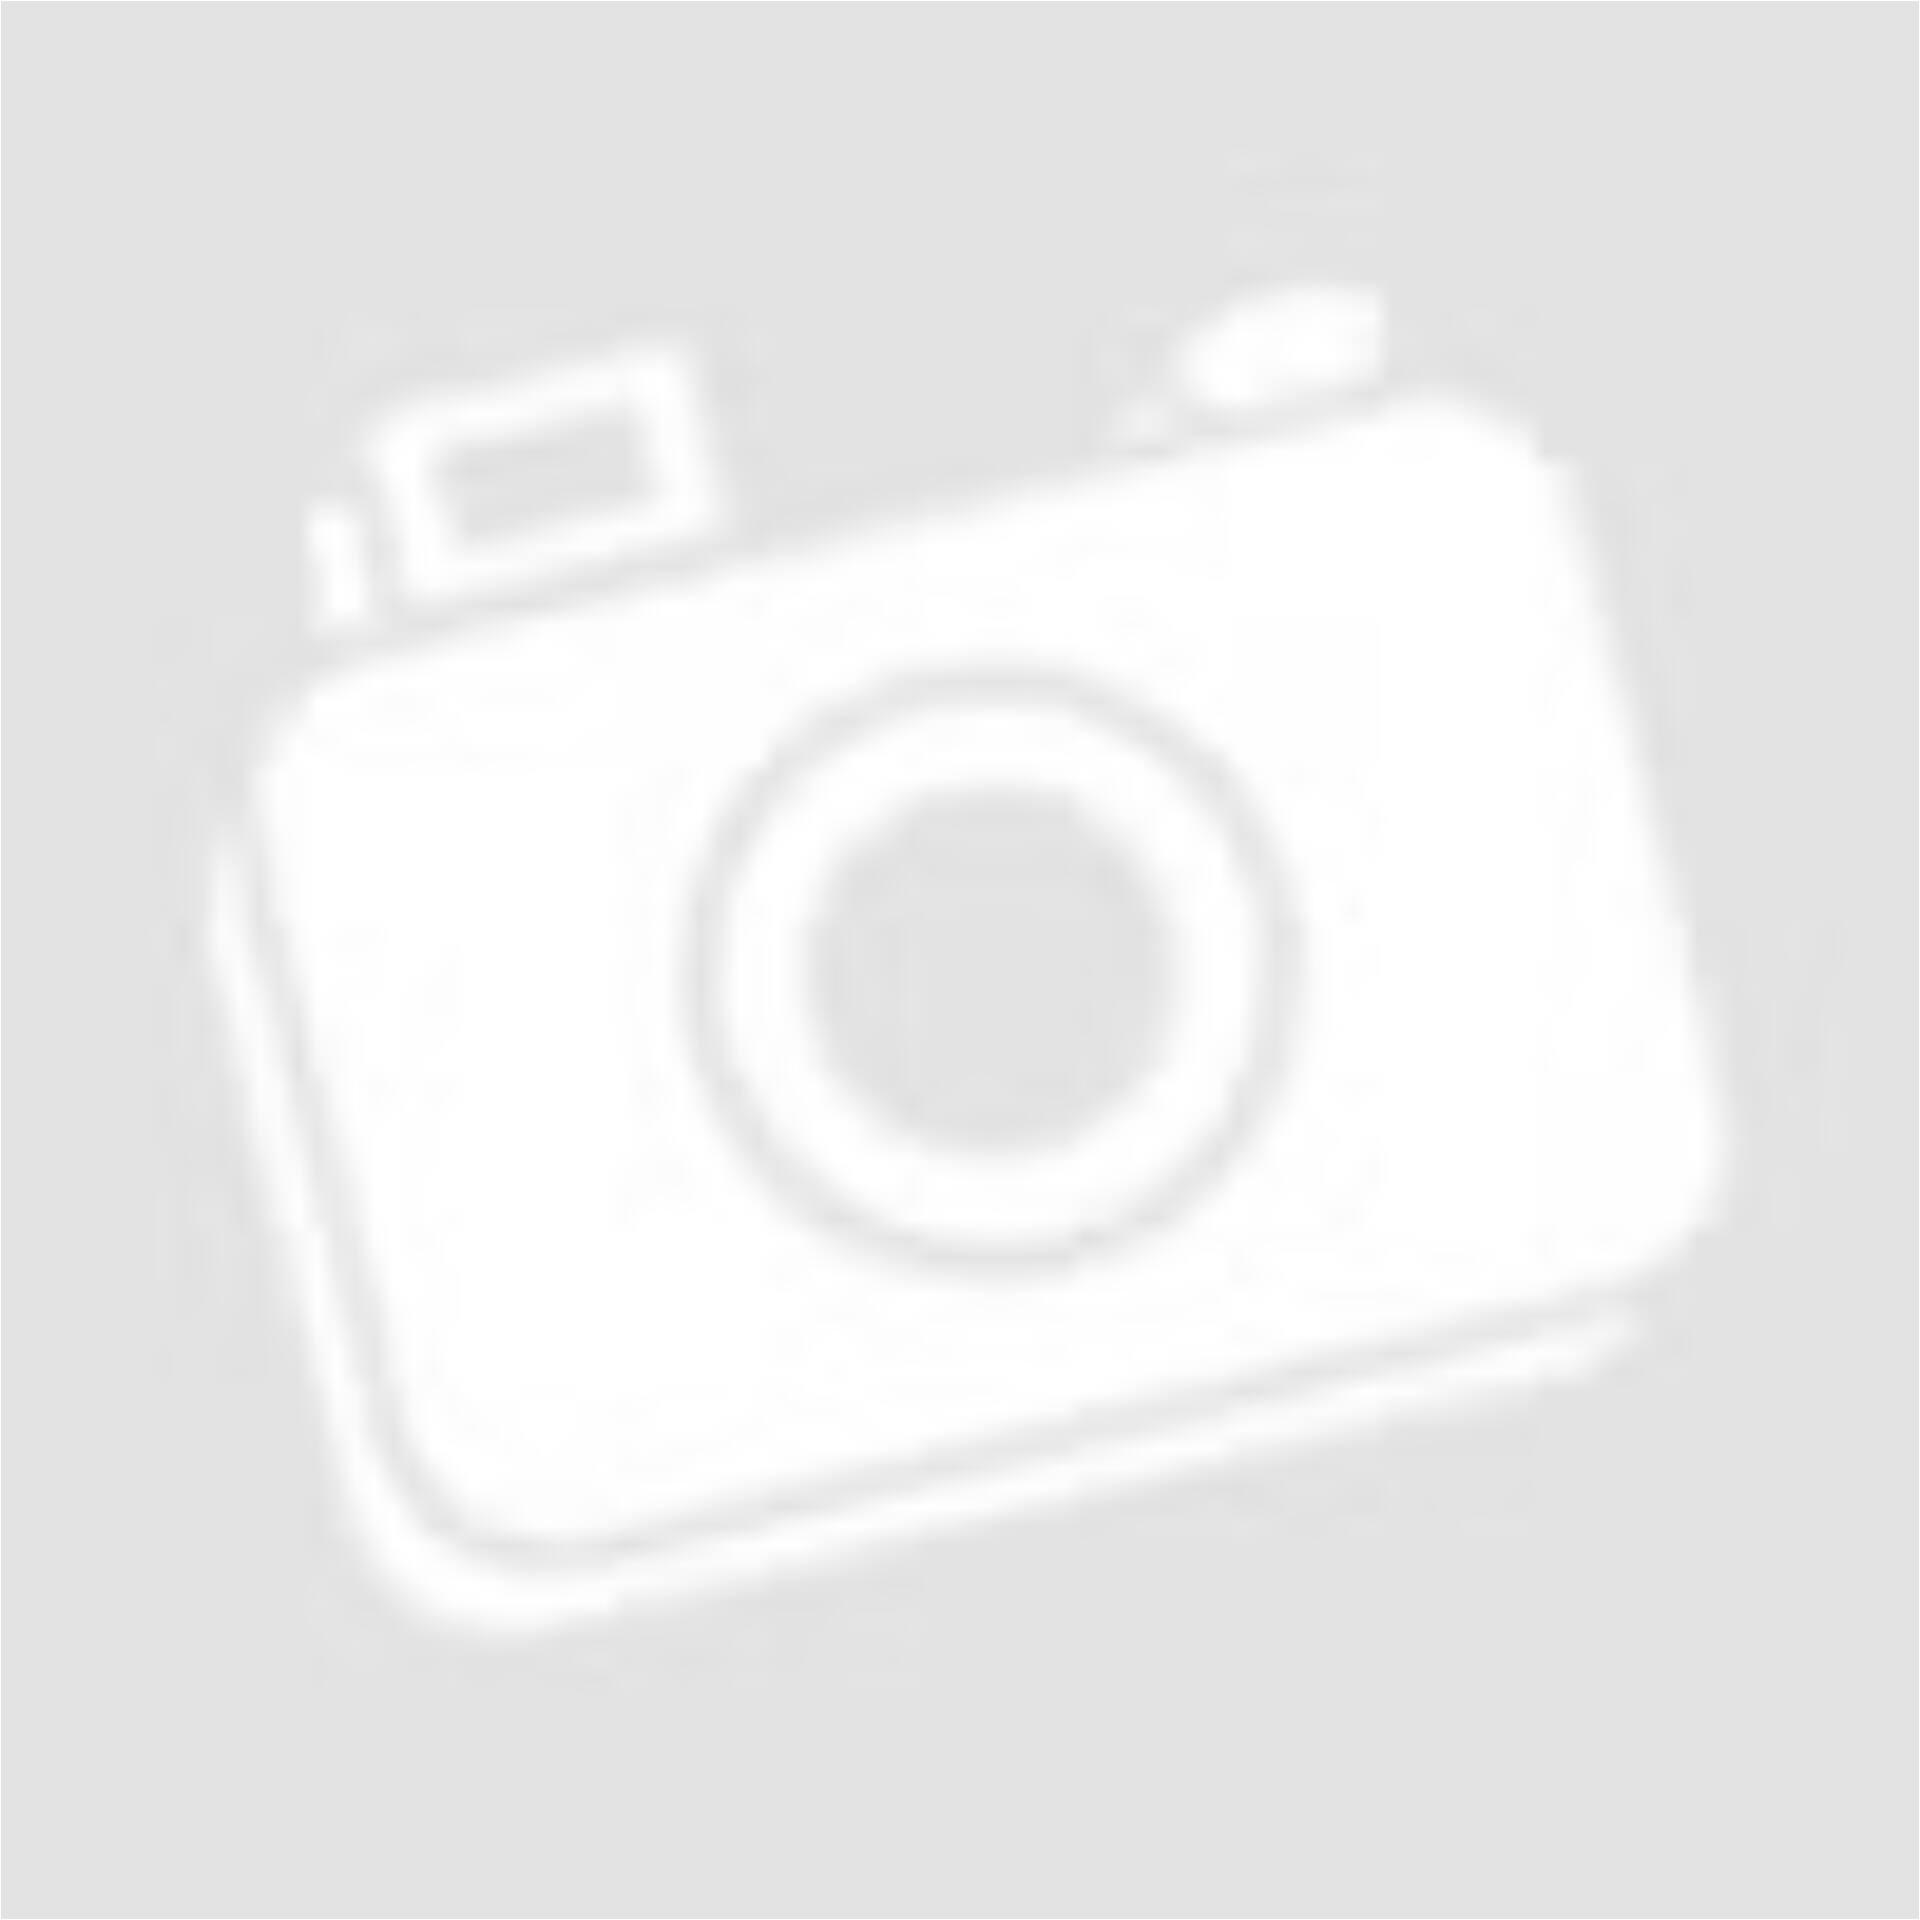 H M fekete-ekrü színű kötött pulcsi (Méret  XS) - Női pulóver ... 44c7a0b010